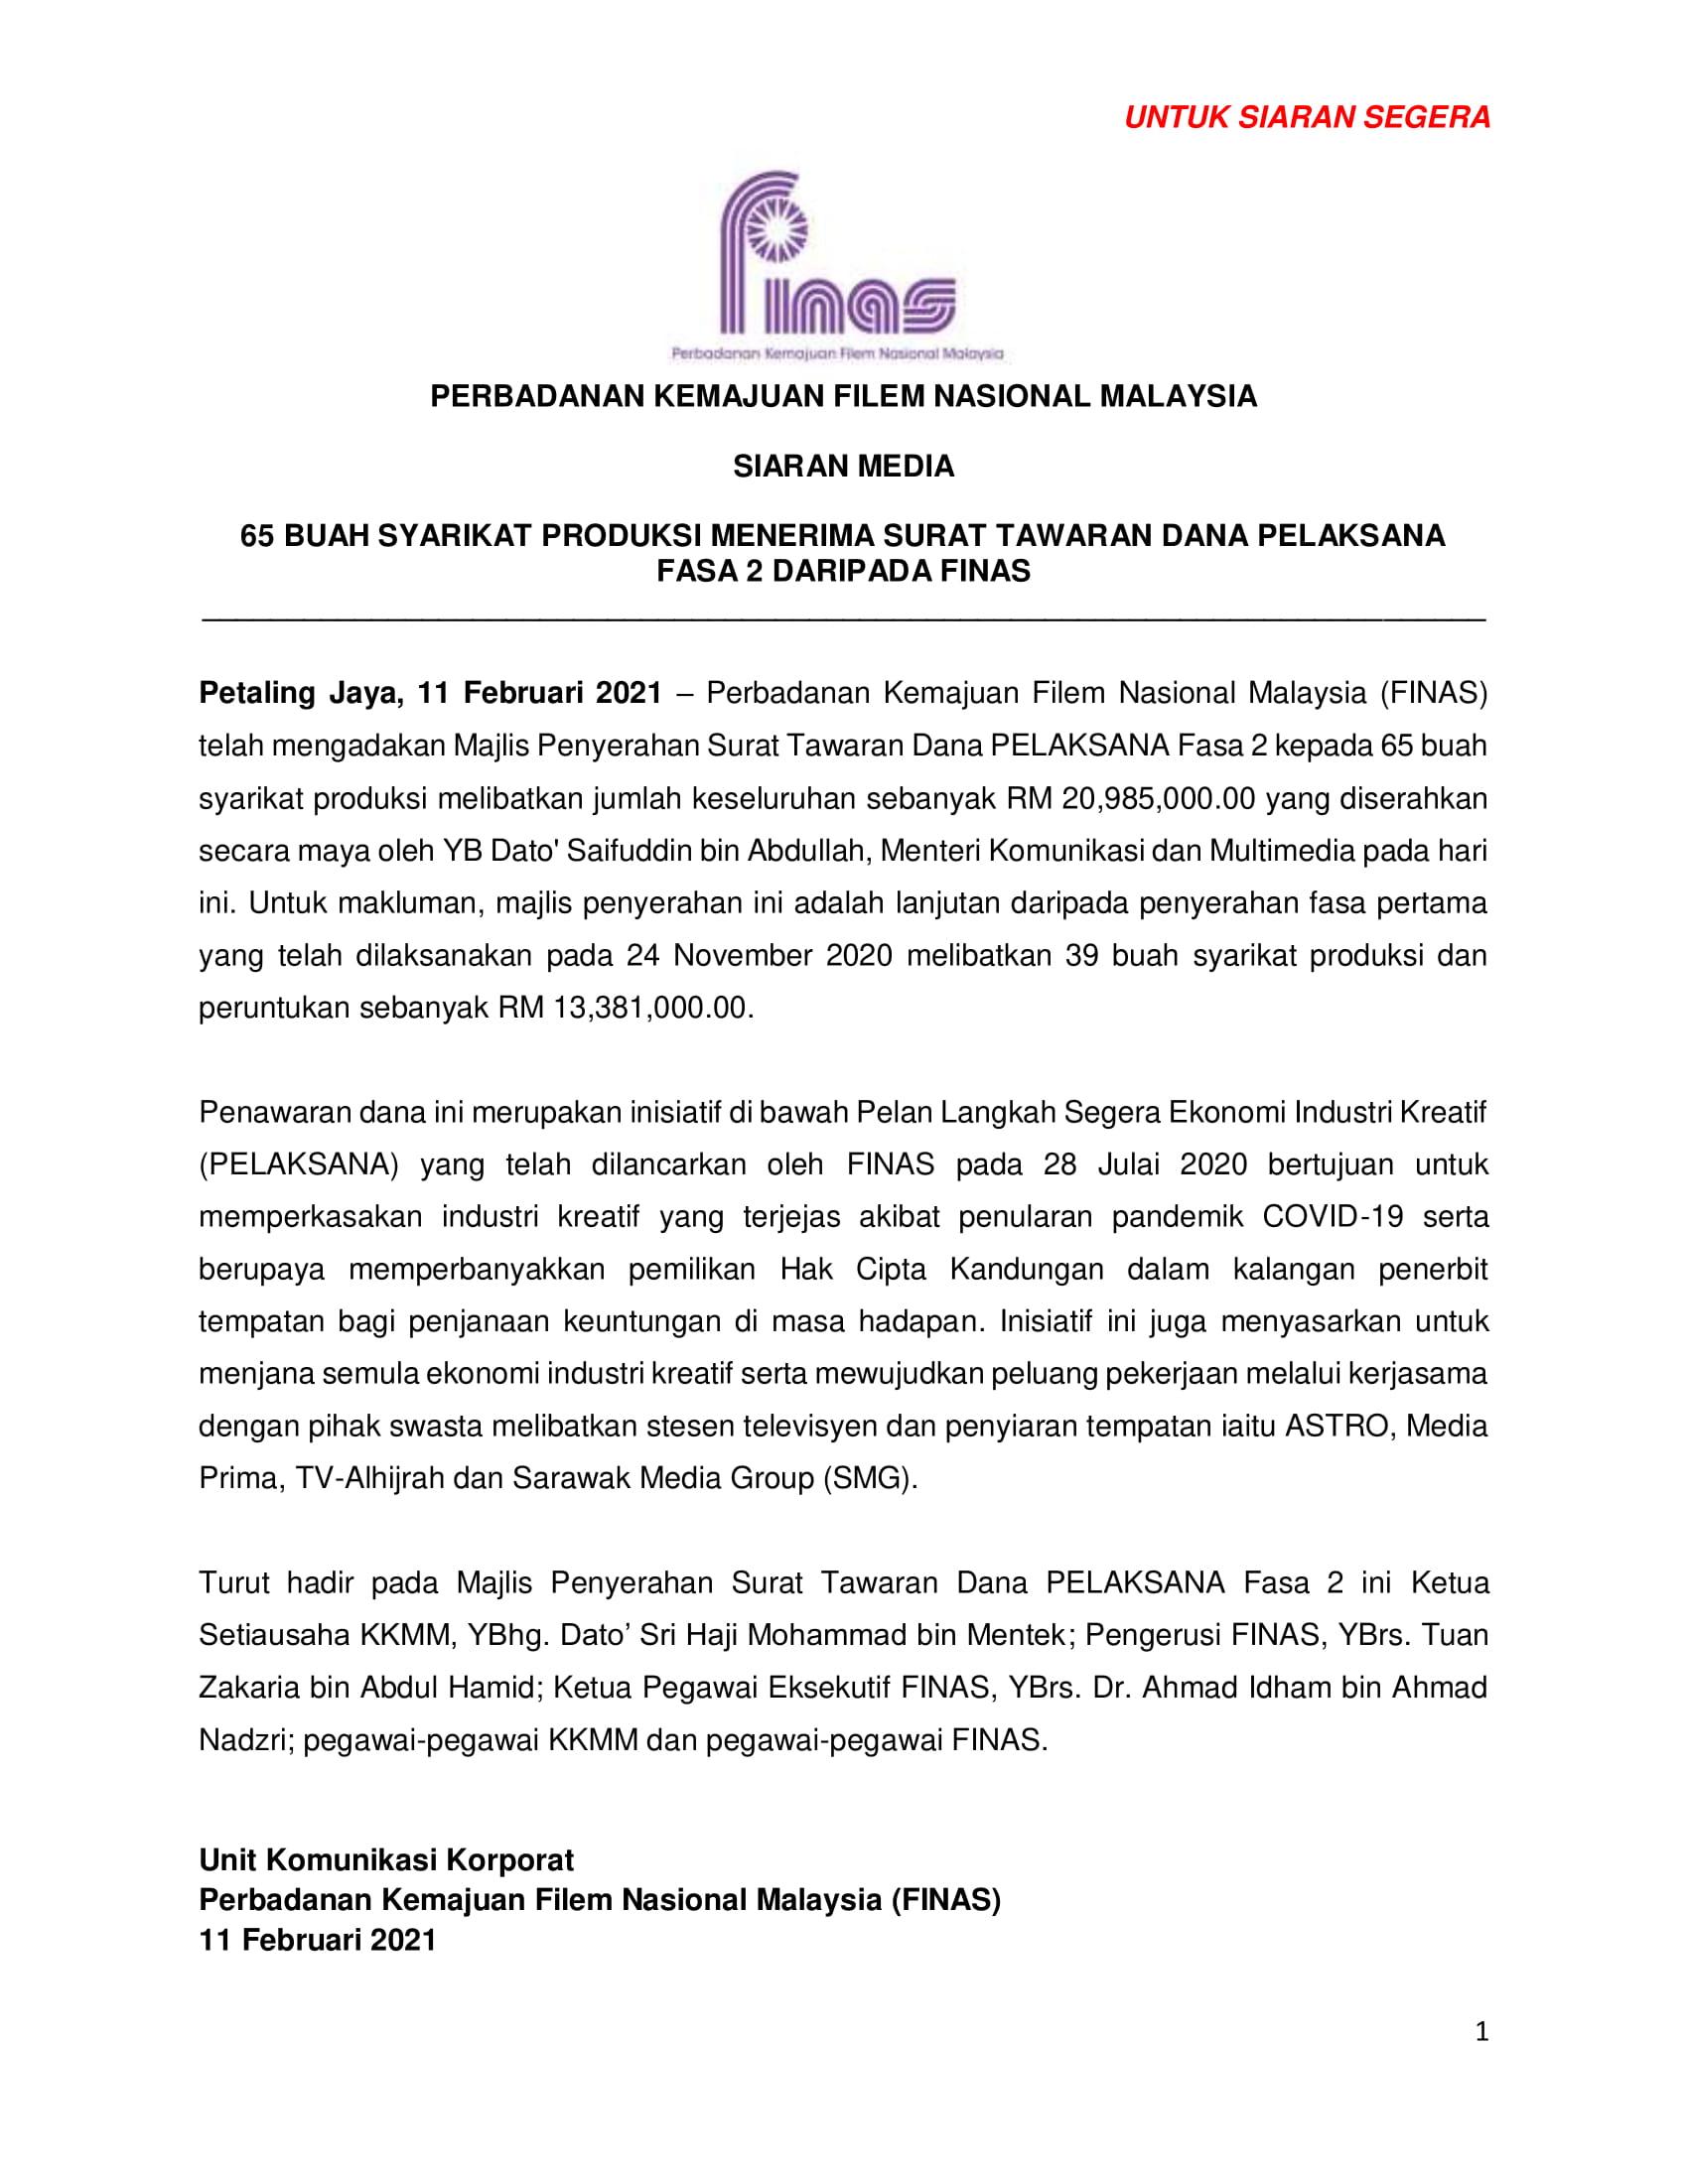 SIARAN MEDIA_PENYERAHAN SURAT TAWARAN PELAKSANA FASA 2 KEPADA 65 SYARIKAT-1